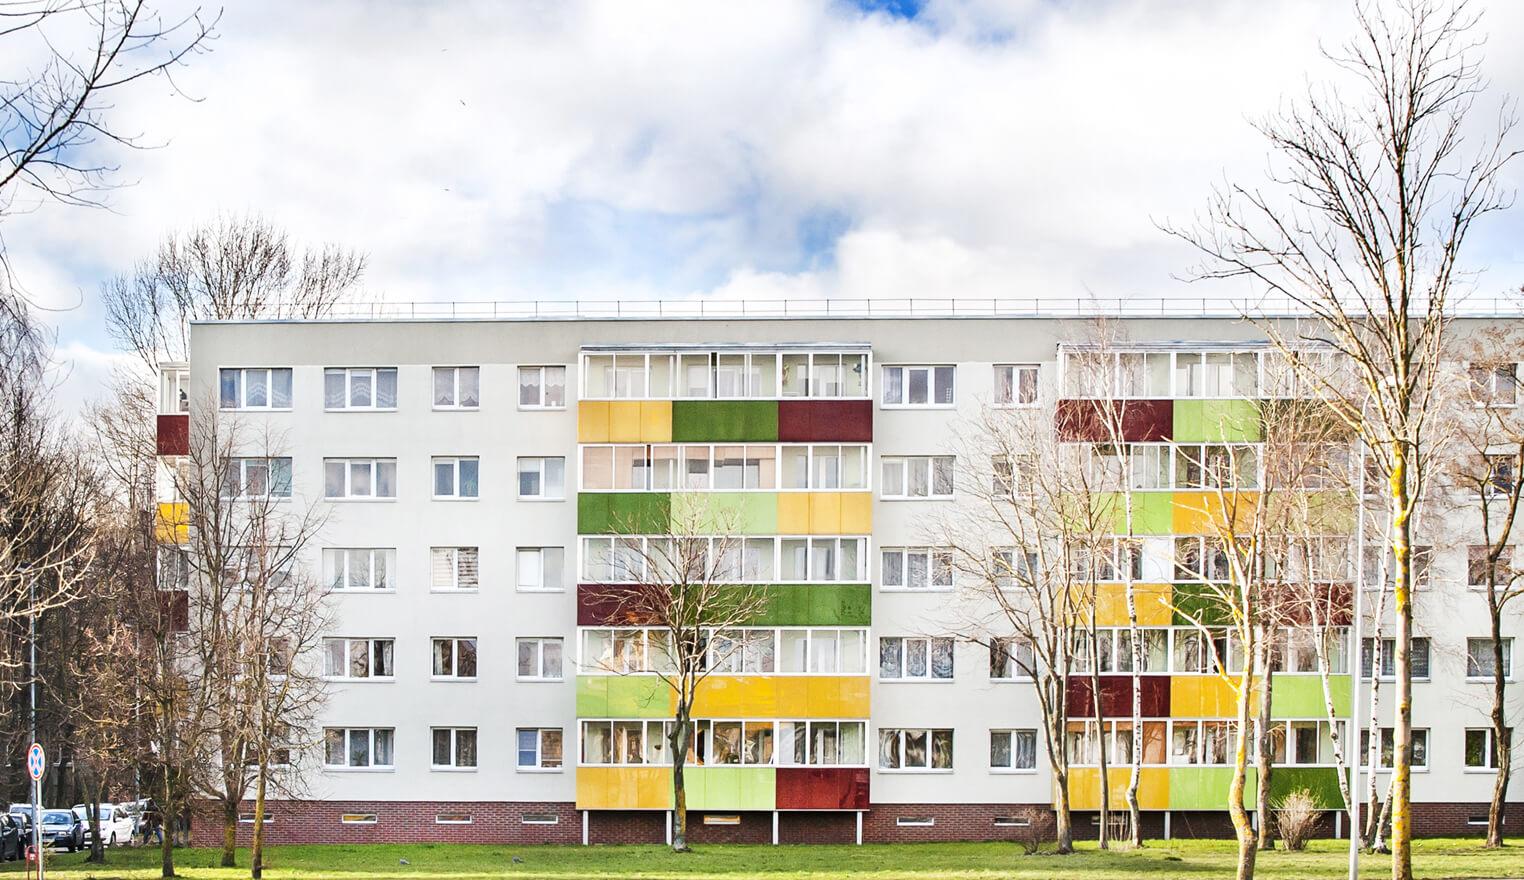 Kauno g. 19, Klaipėdoje, daugiabučio modernizacija